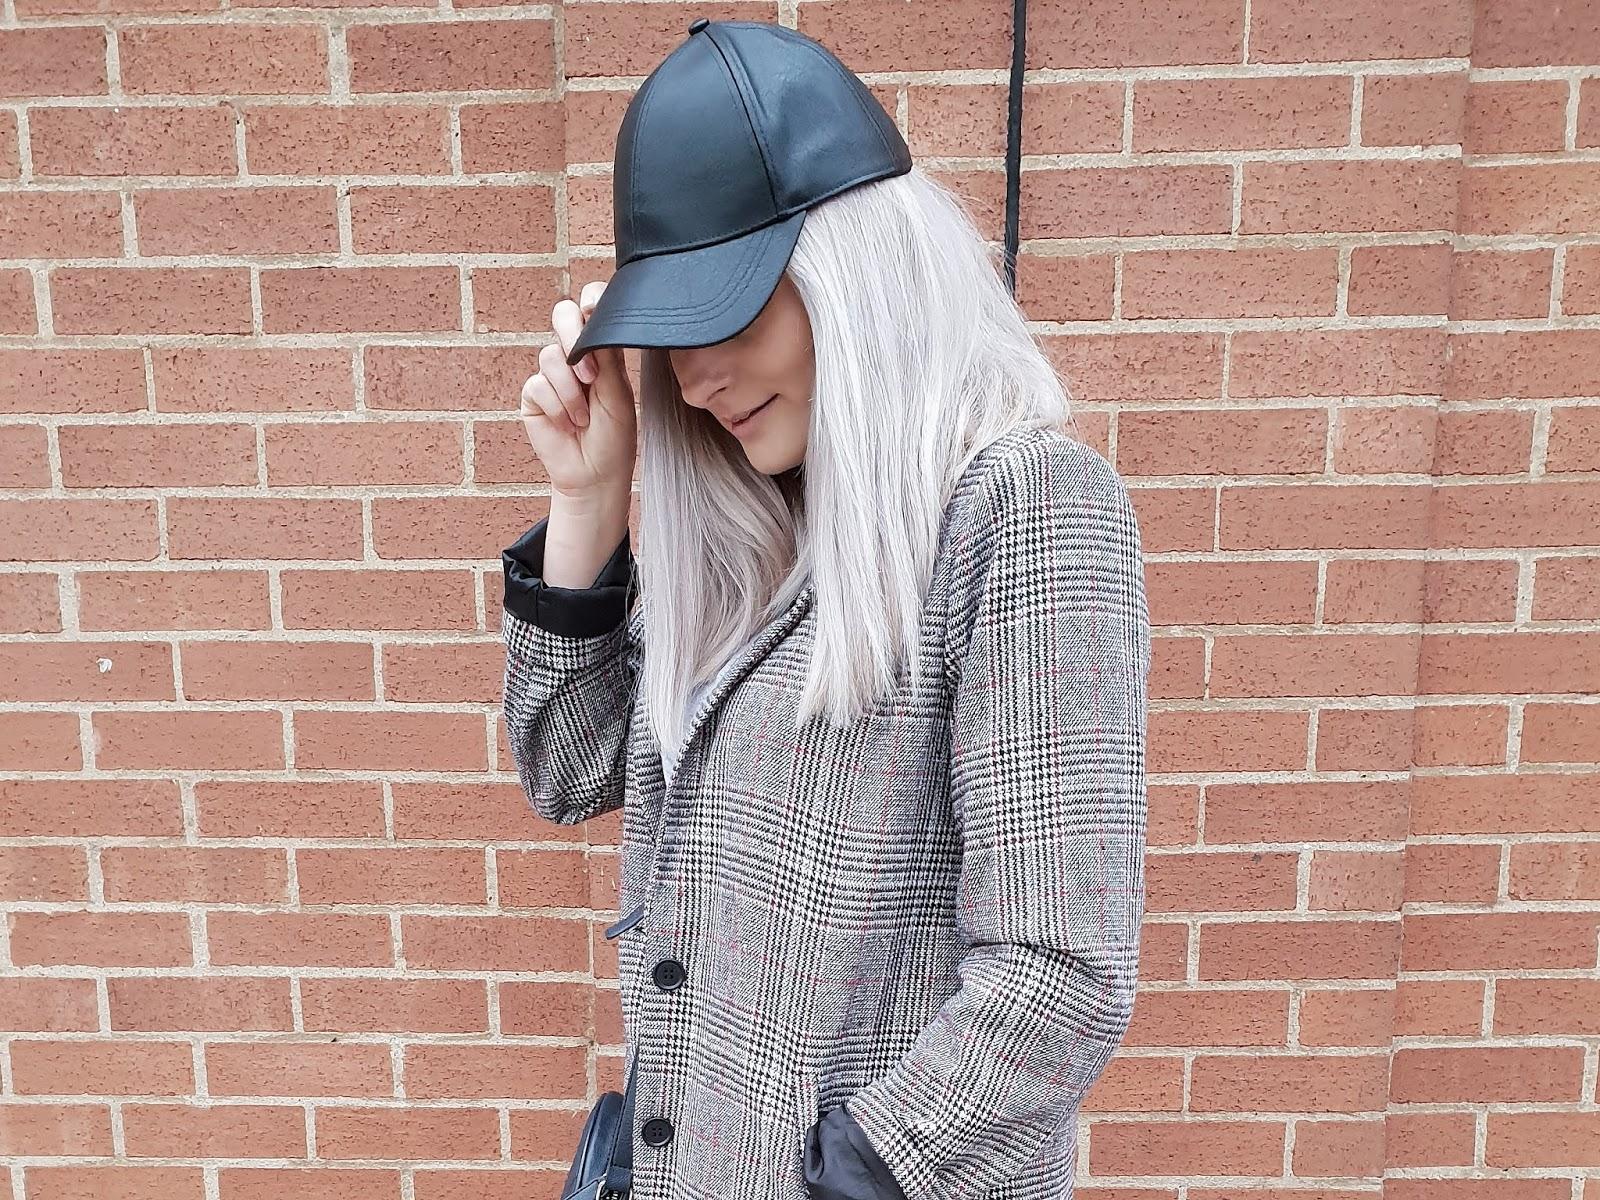 Summer monochrome czyli płaszcz w kratę w wersji casual